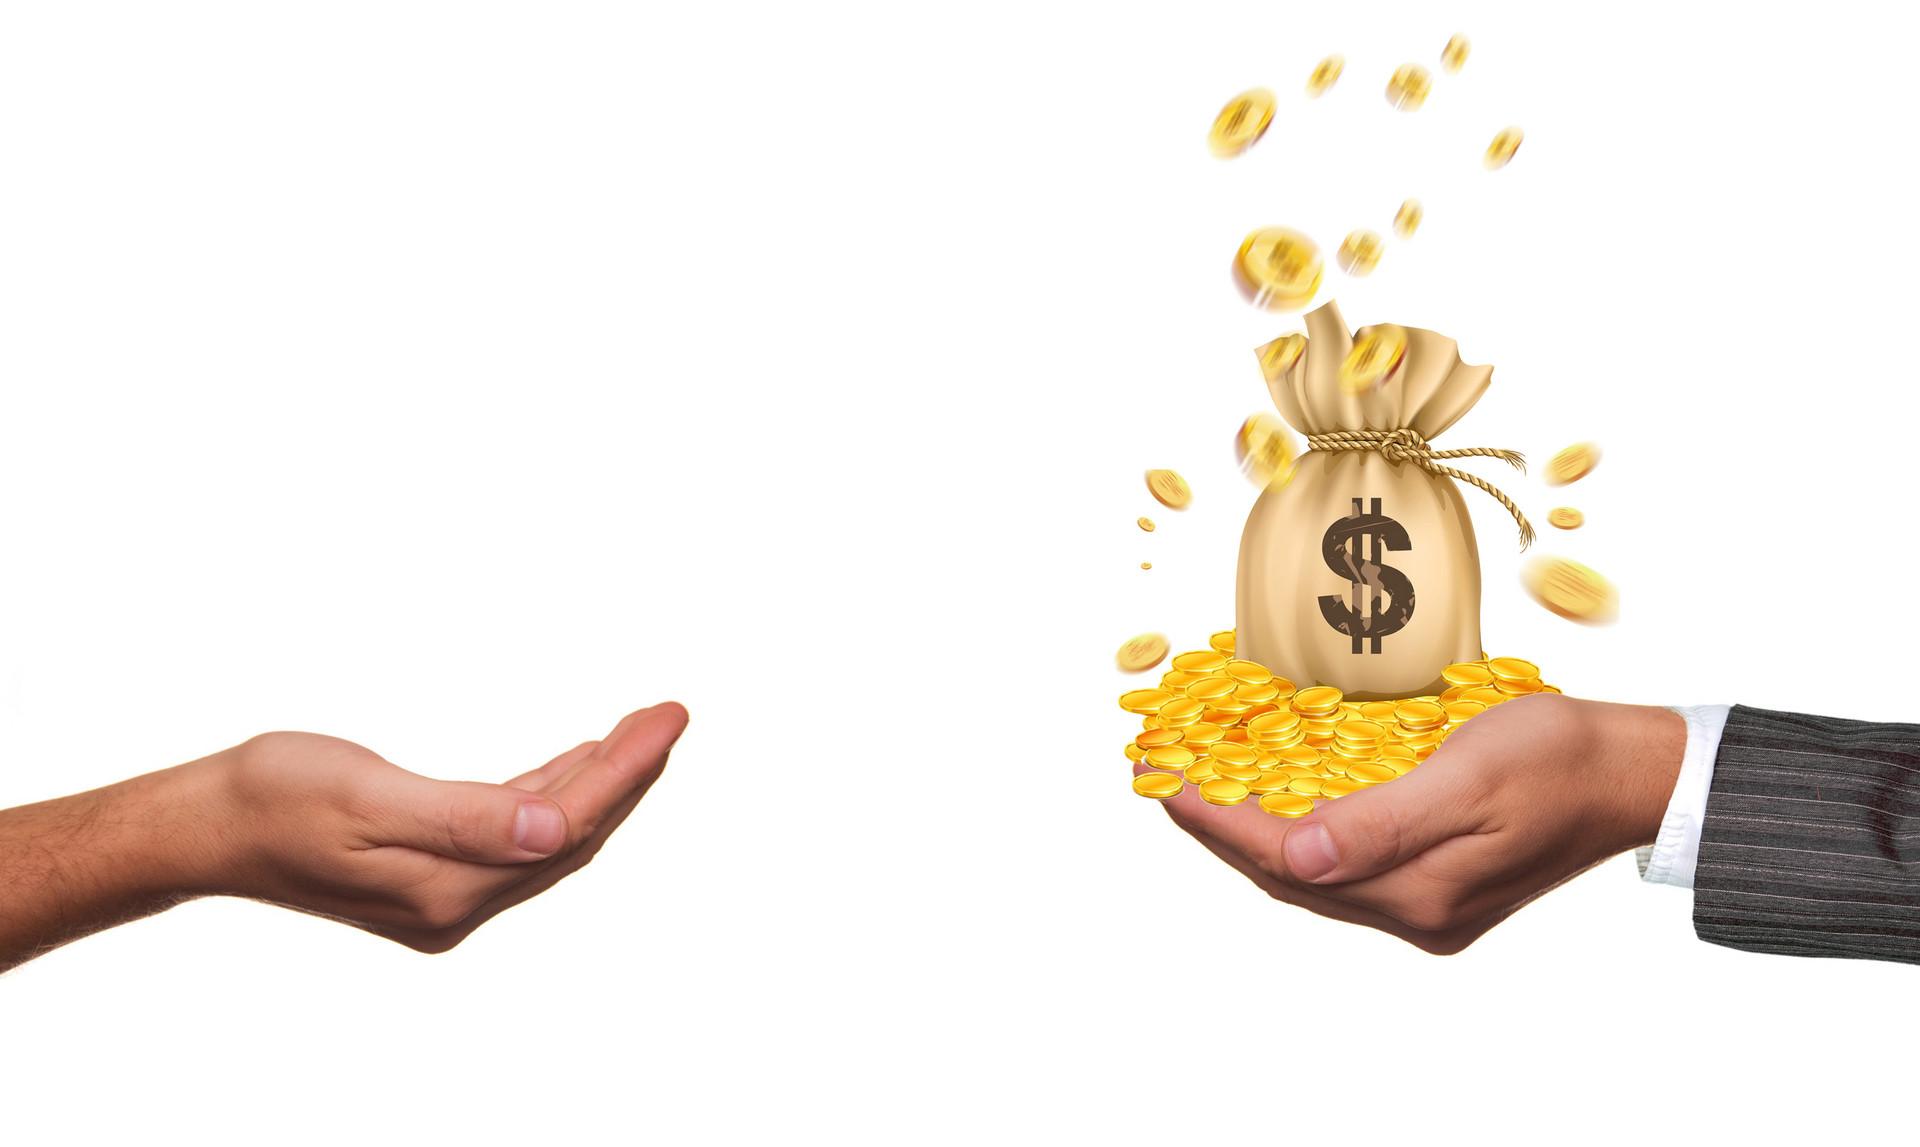 薪资可以代发吗?企业怎么选择薪资代发机构才有保障